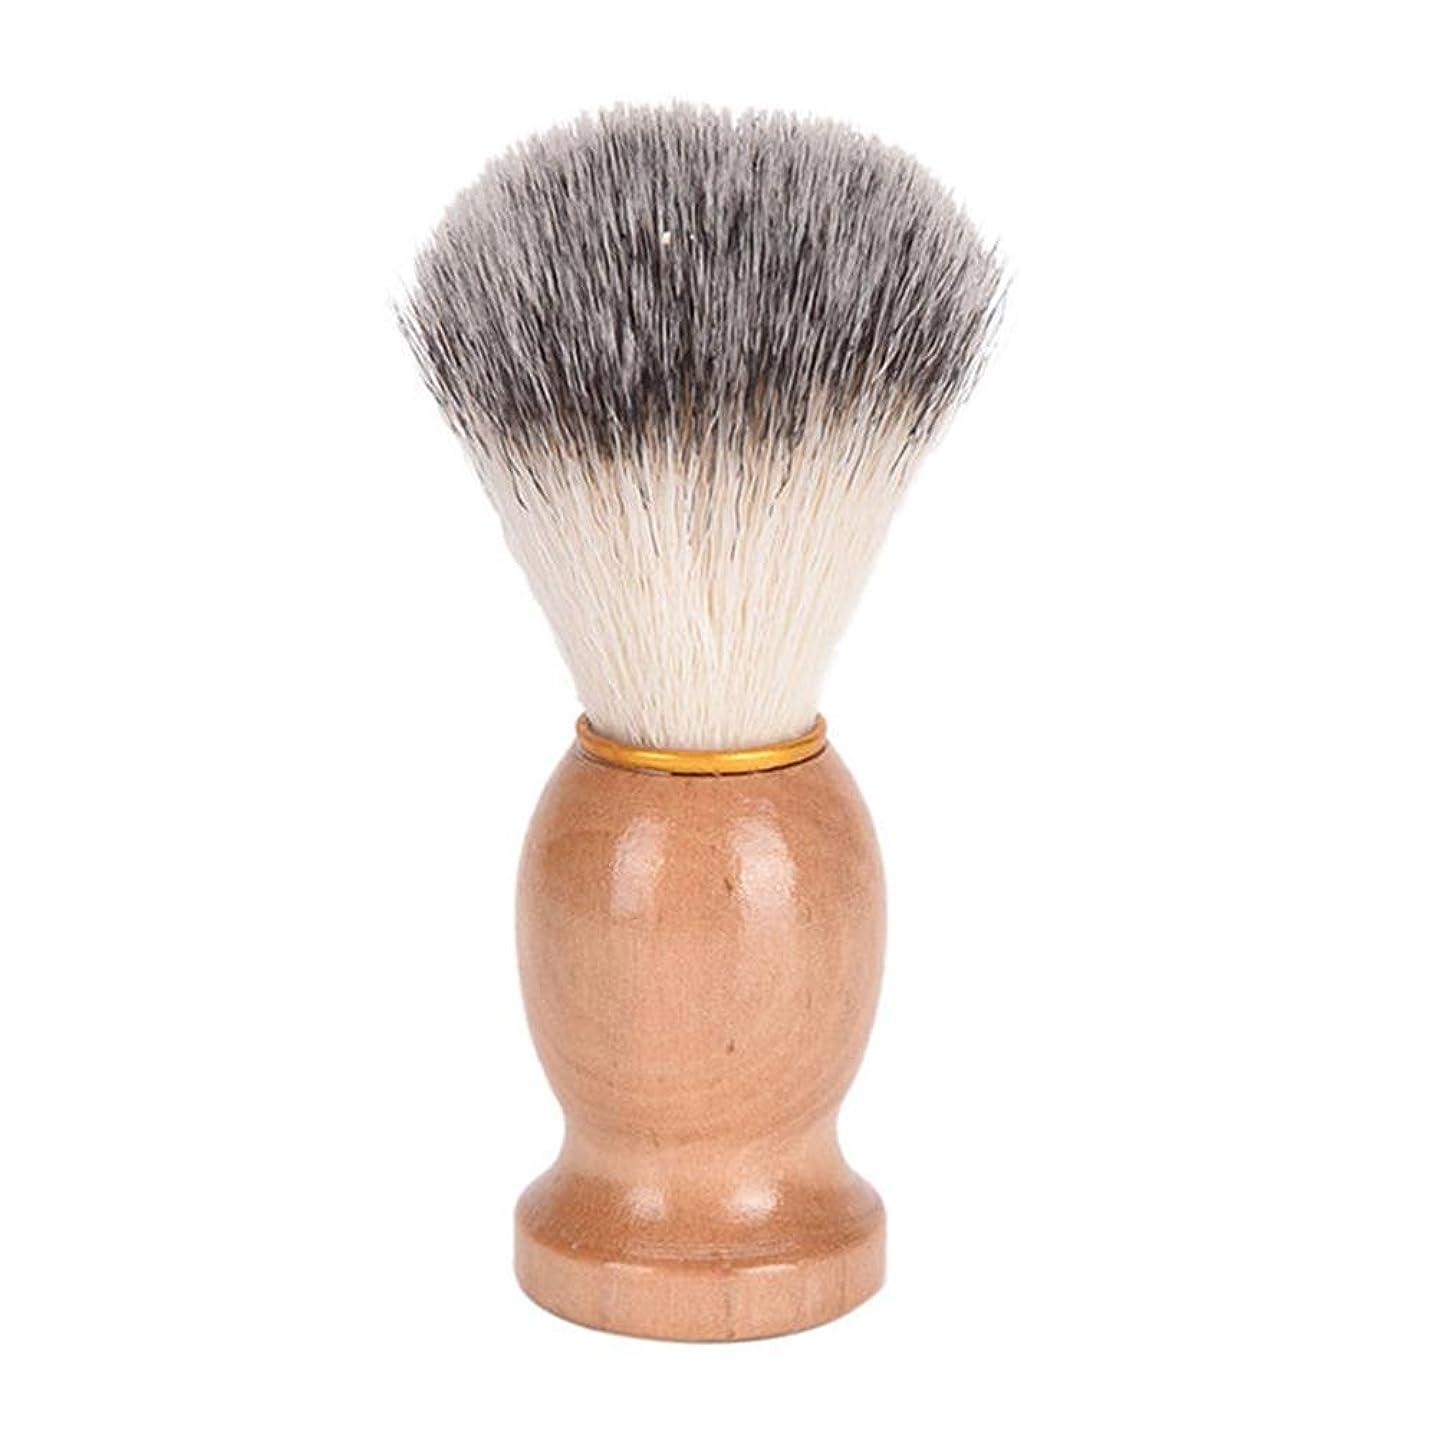 強風同情代わりにを立てるひげブラシ 髭ブラシ シェービング用アクセサリー メンズ用 髭剃り ブラシ シェービングブラシ 木製ハンドル 男性 ギフト理容 洗顔 髭剃り